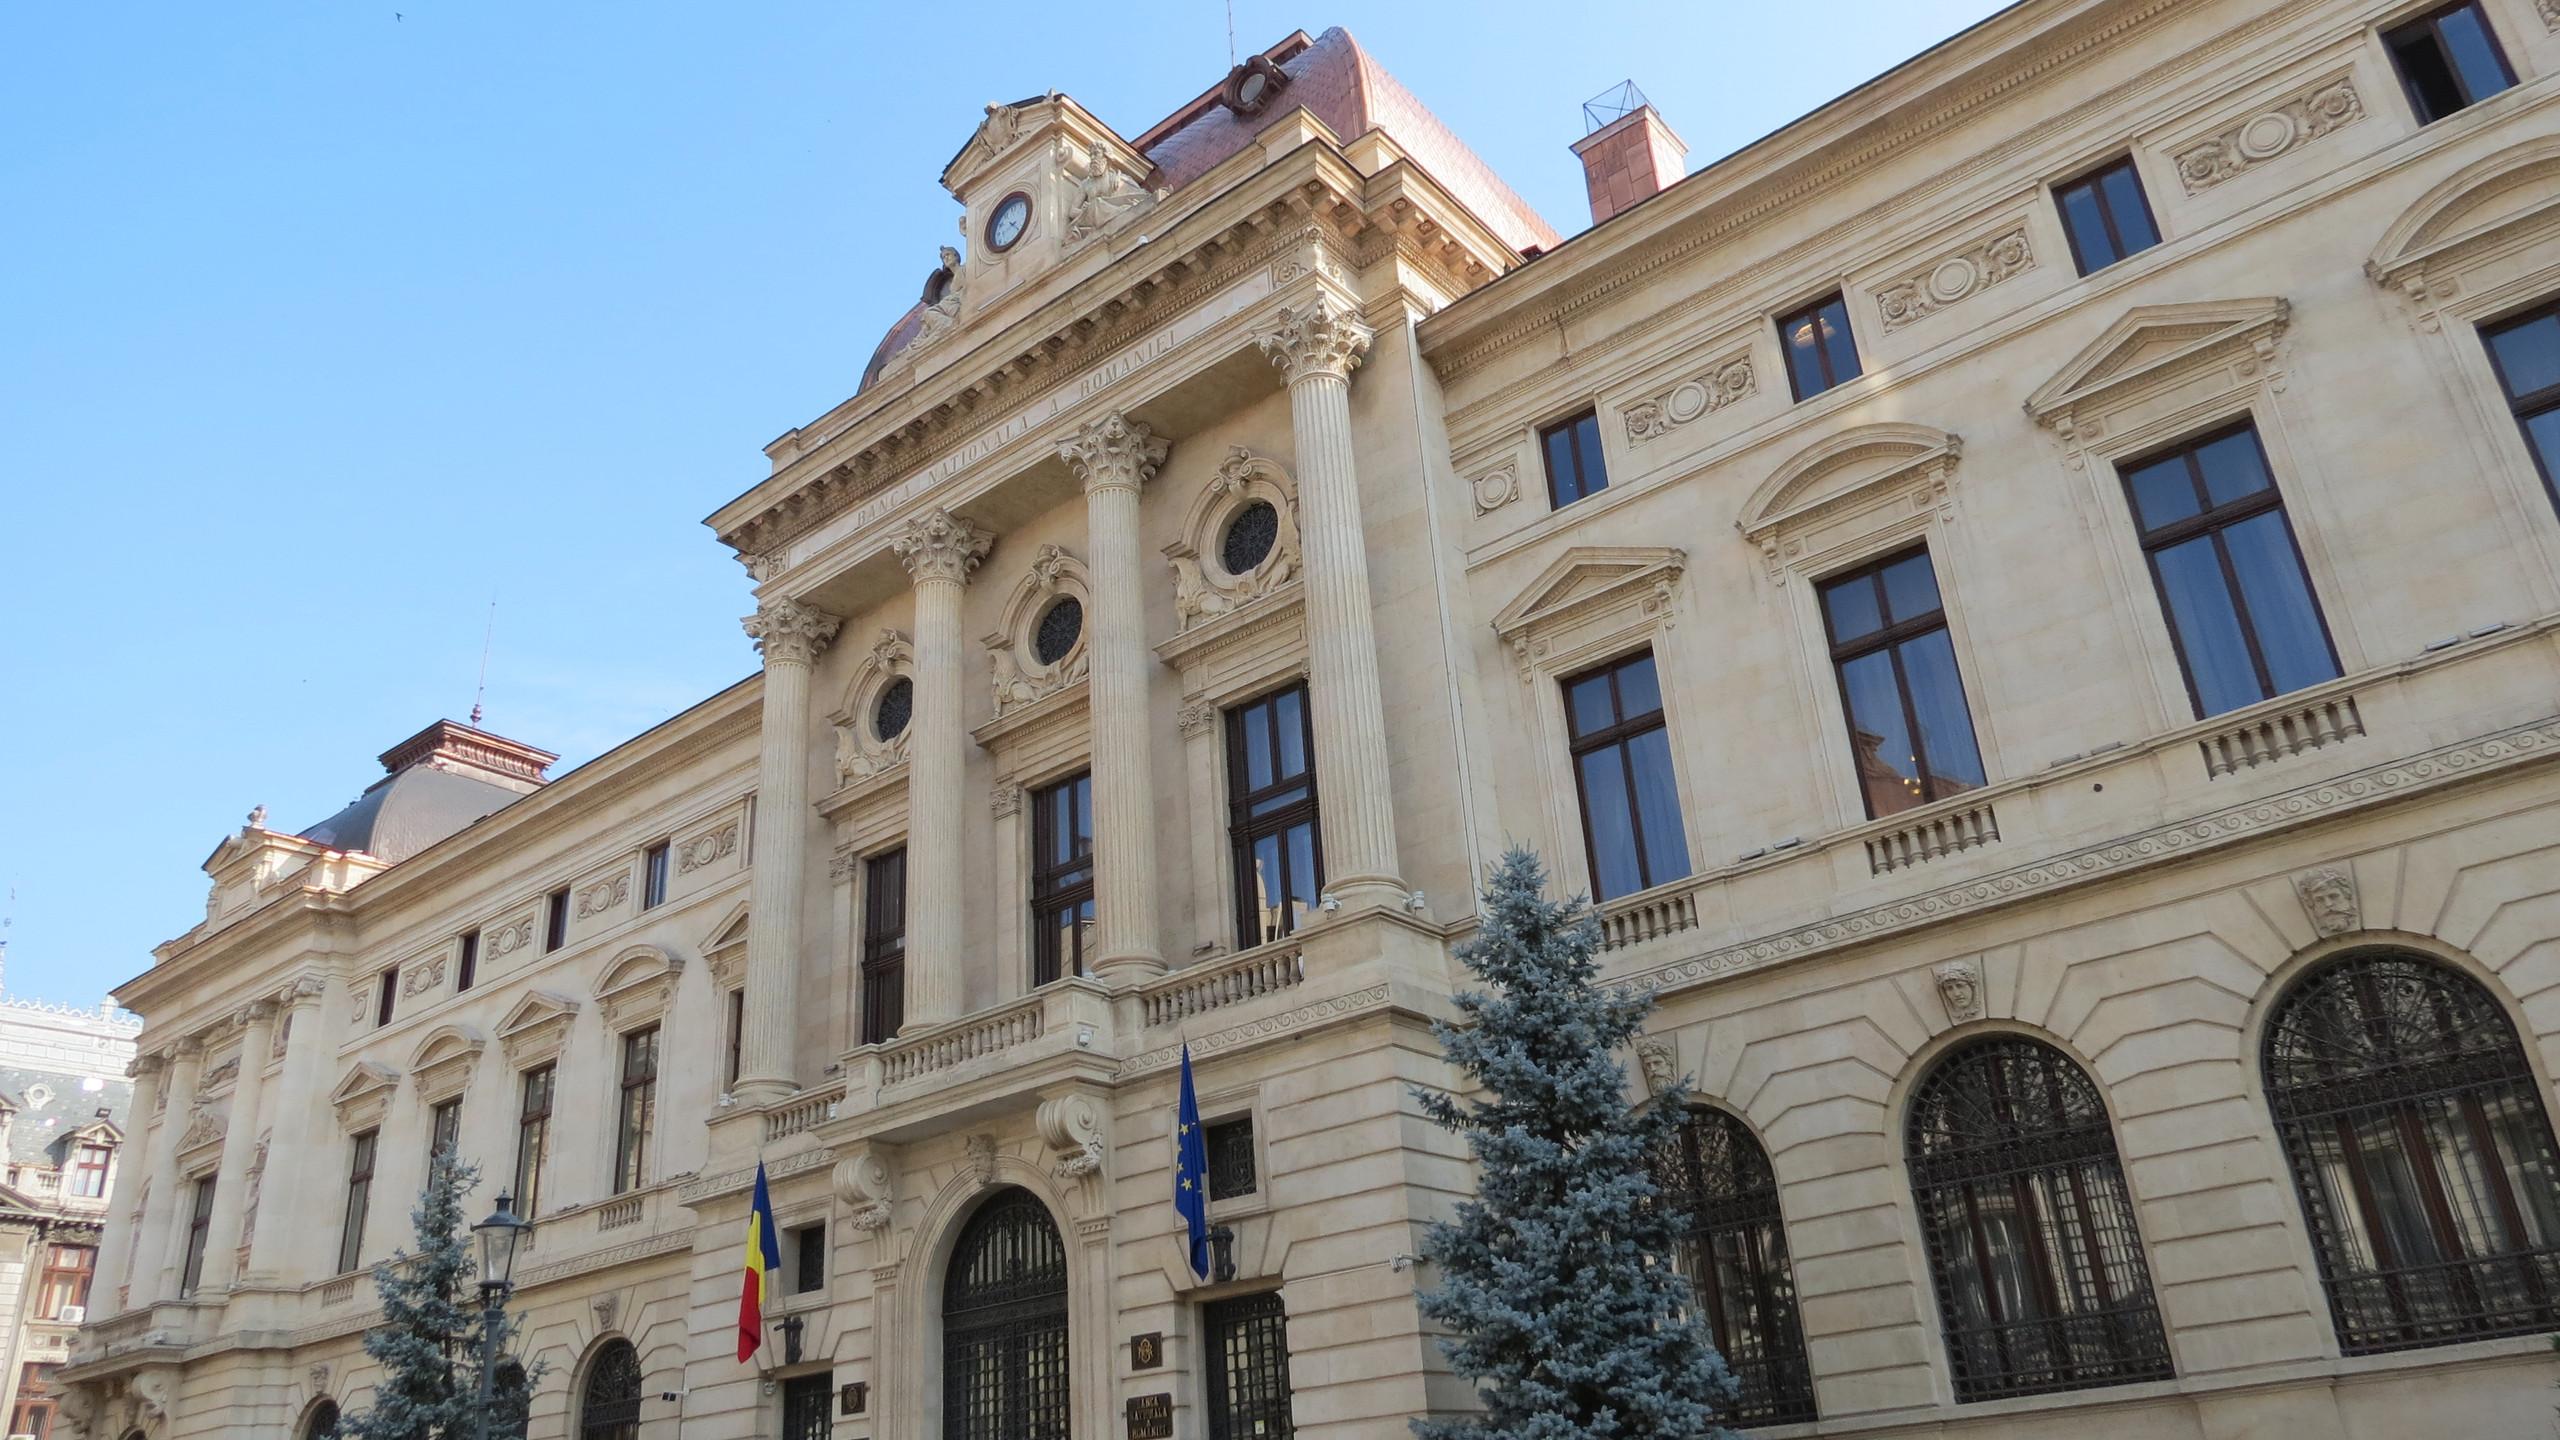 158 - Old Bucharest